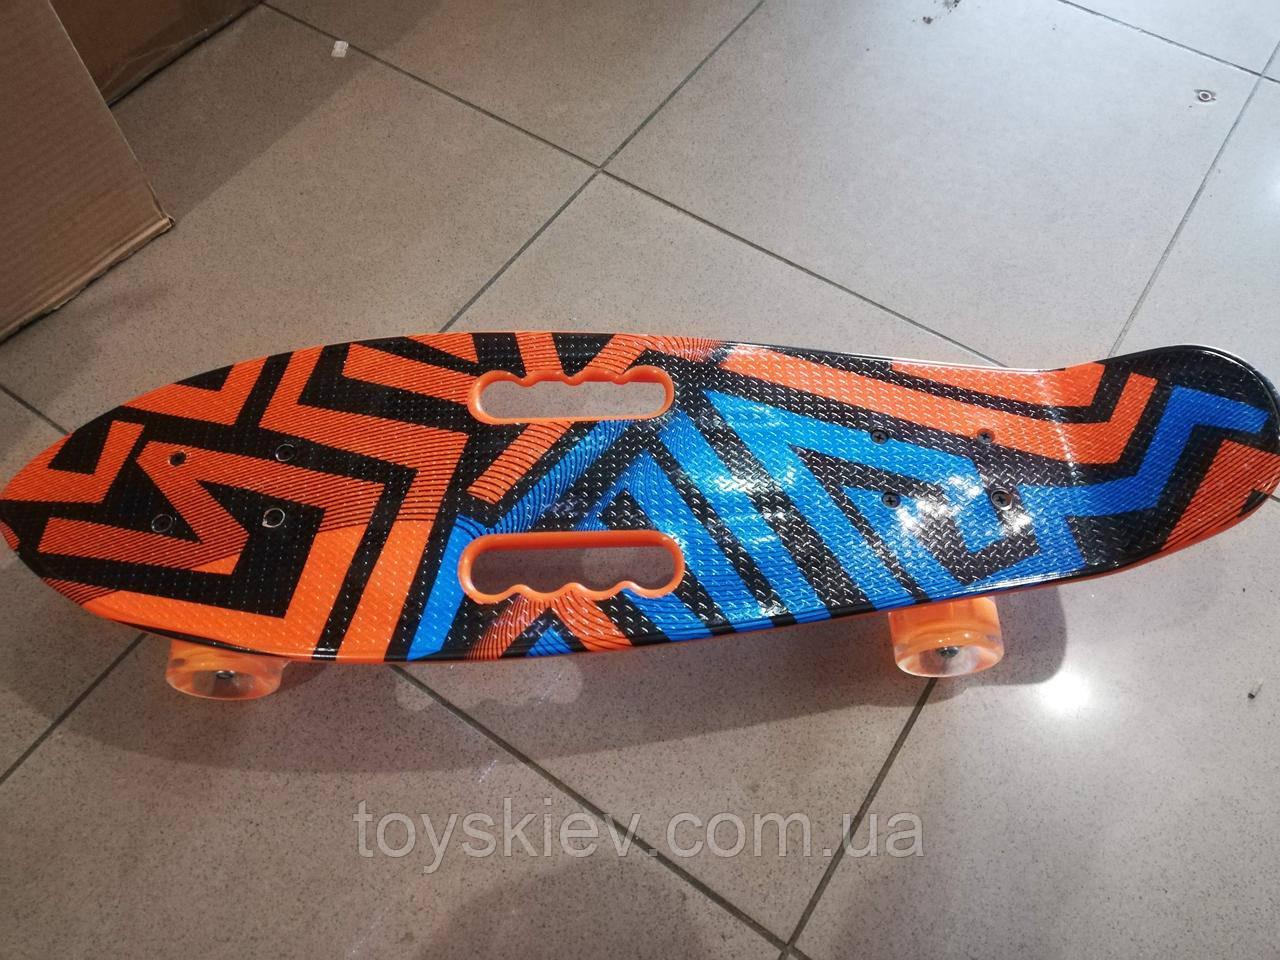 Скейт большой 67х20см,1,83кг Пенни борд (Penny board) пениборд с рисунком, ручкой светящиеся колёса